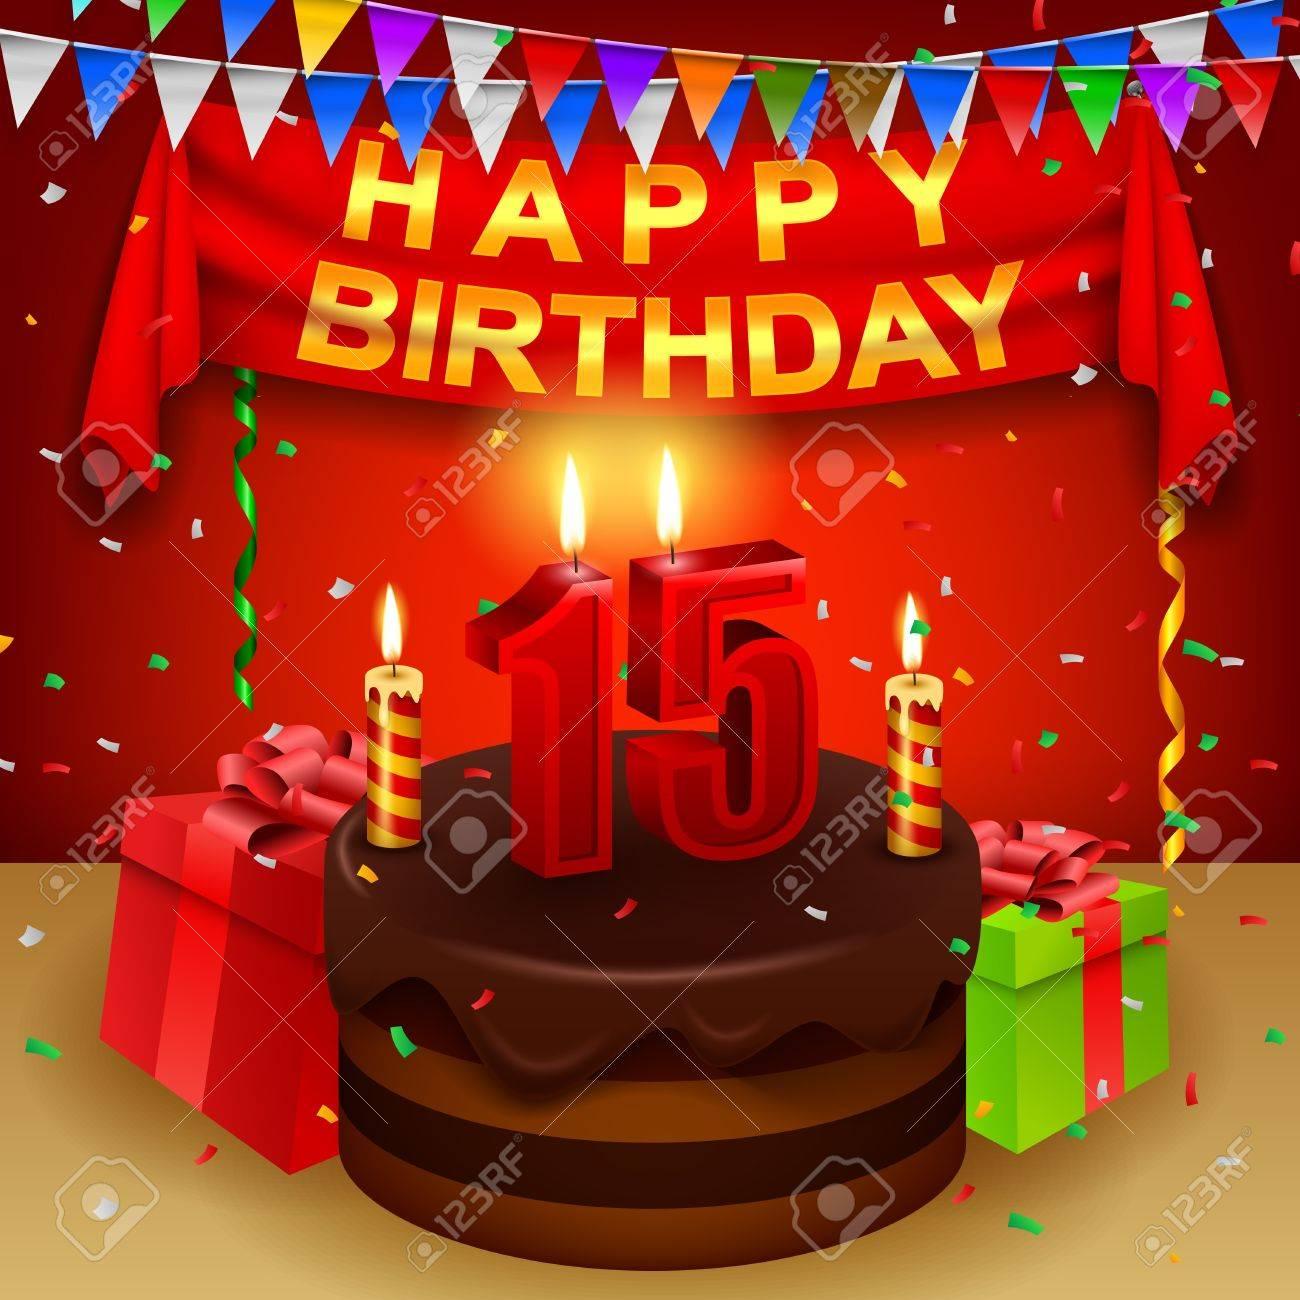 Frohliche Geburtstagskarte Bunten Ballons Fur Jedes Alter